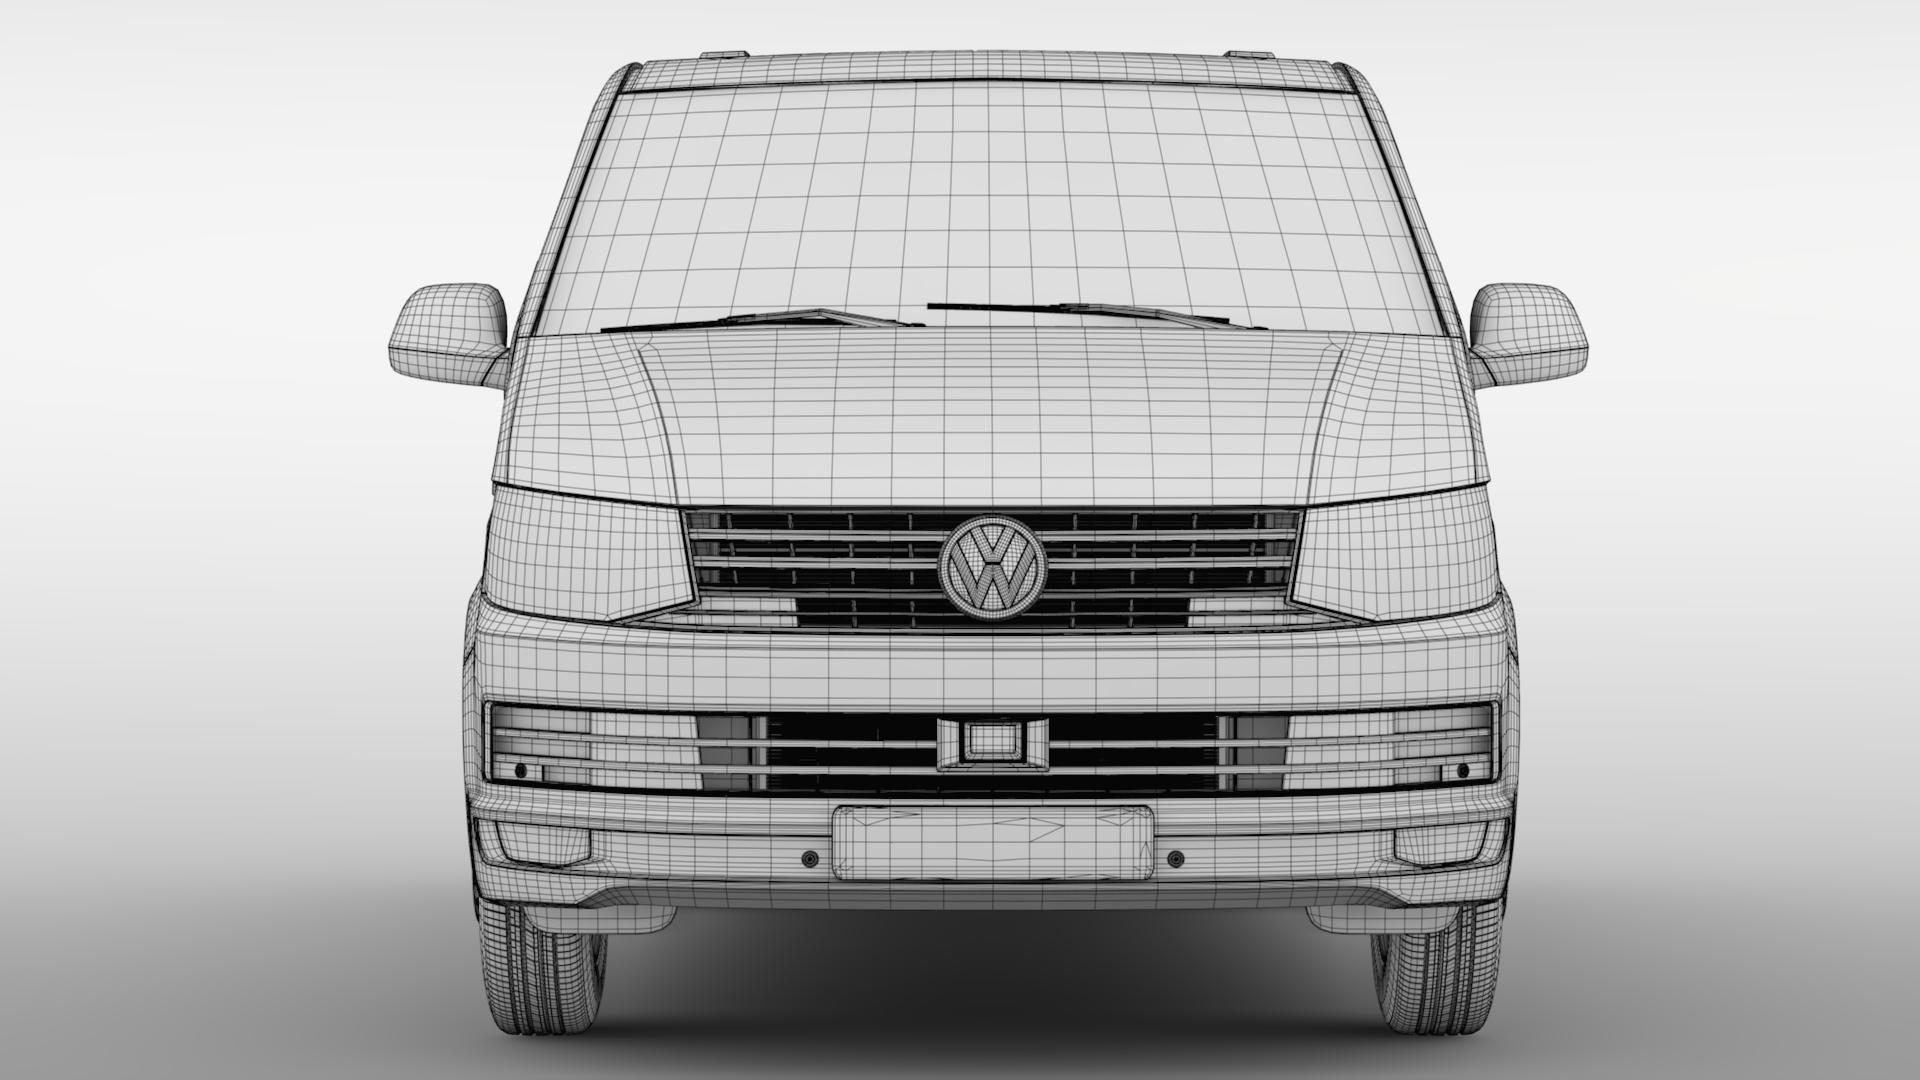 volkswagen nəqliyyat vasitəsi van l2h1 t6 2017 3d model max fbx c4d lwo ma mb hrc xsi obj 275246